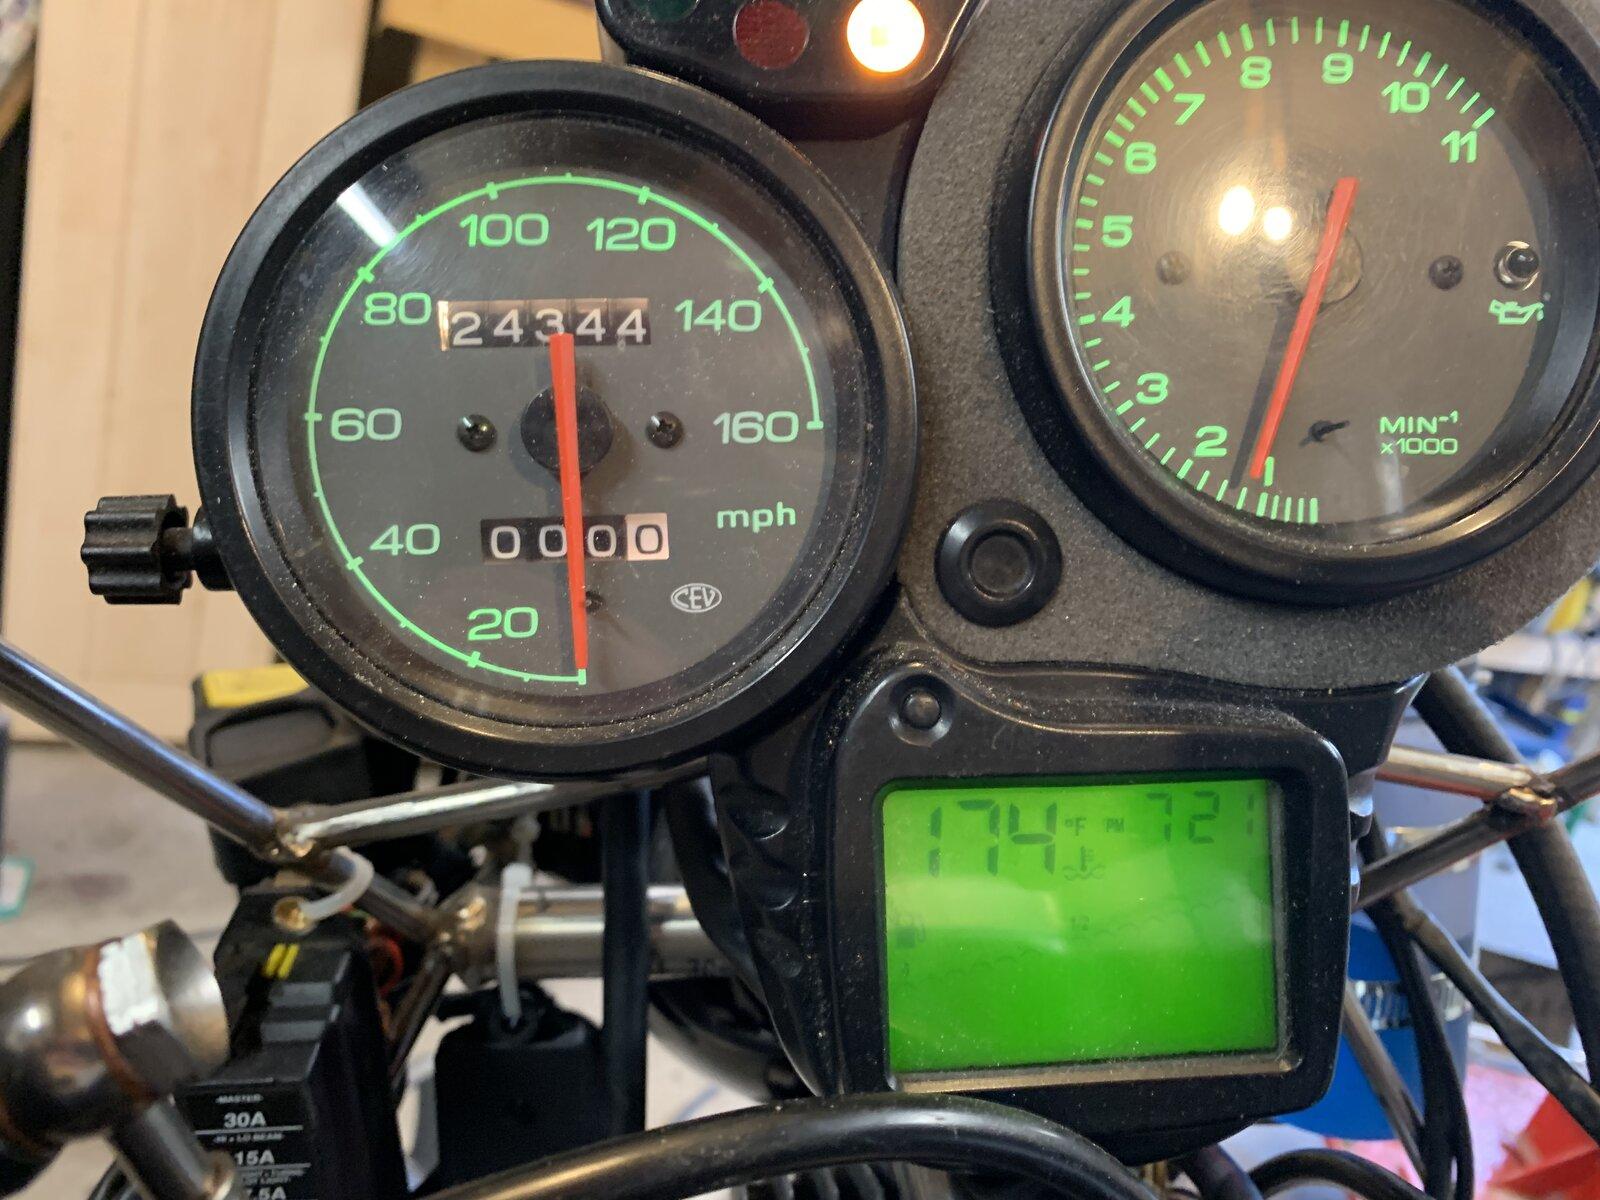 1C000D2F-1B17-49BB-88BE-A47E2F3D00EF.jpeg